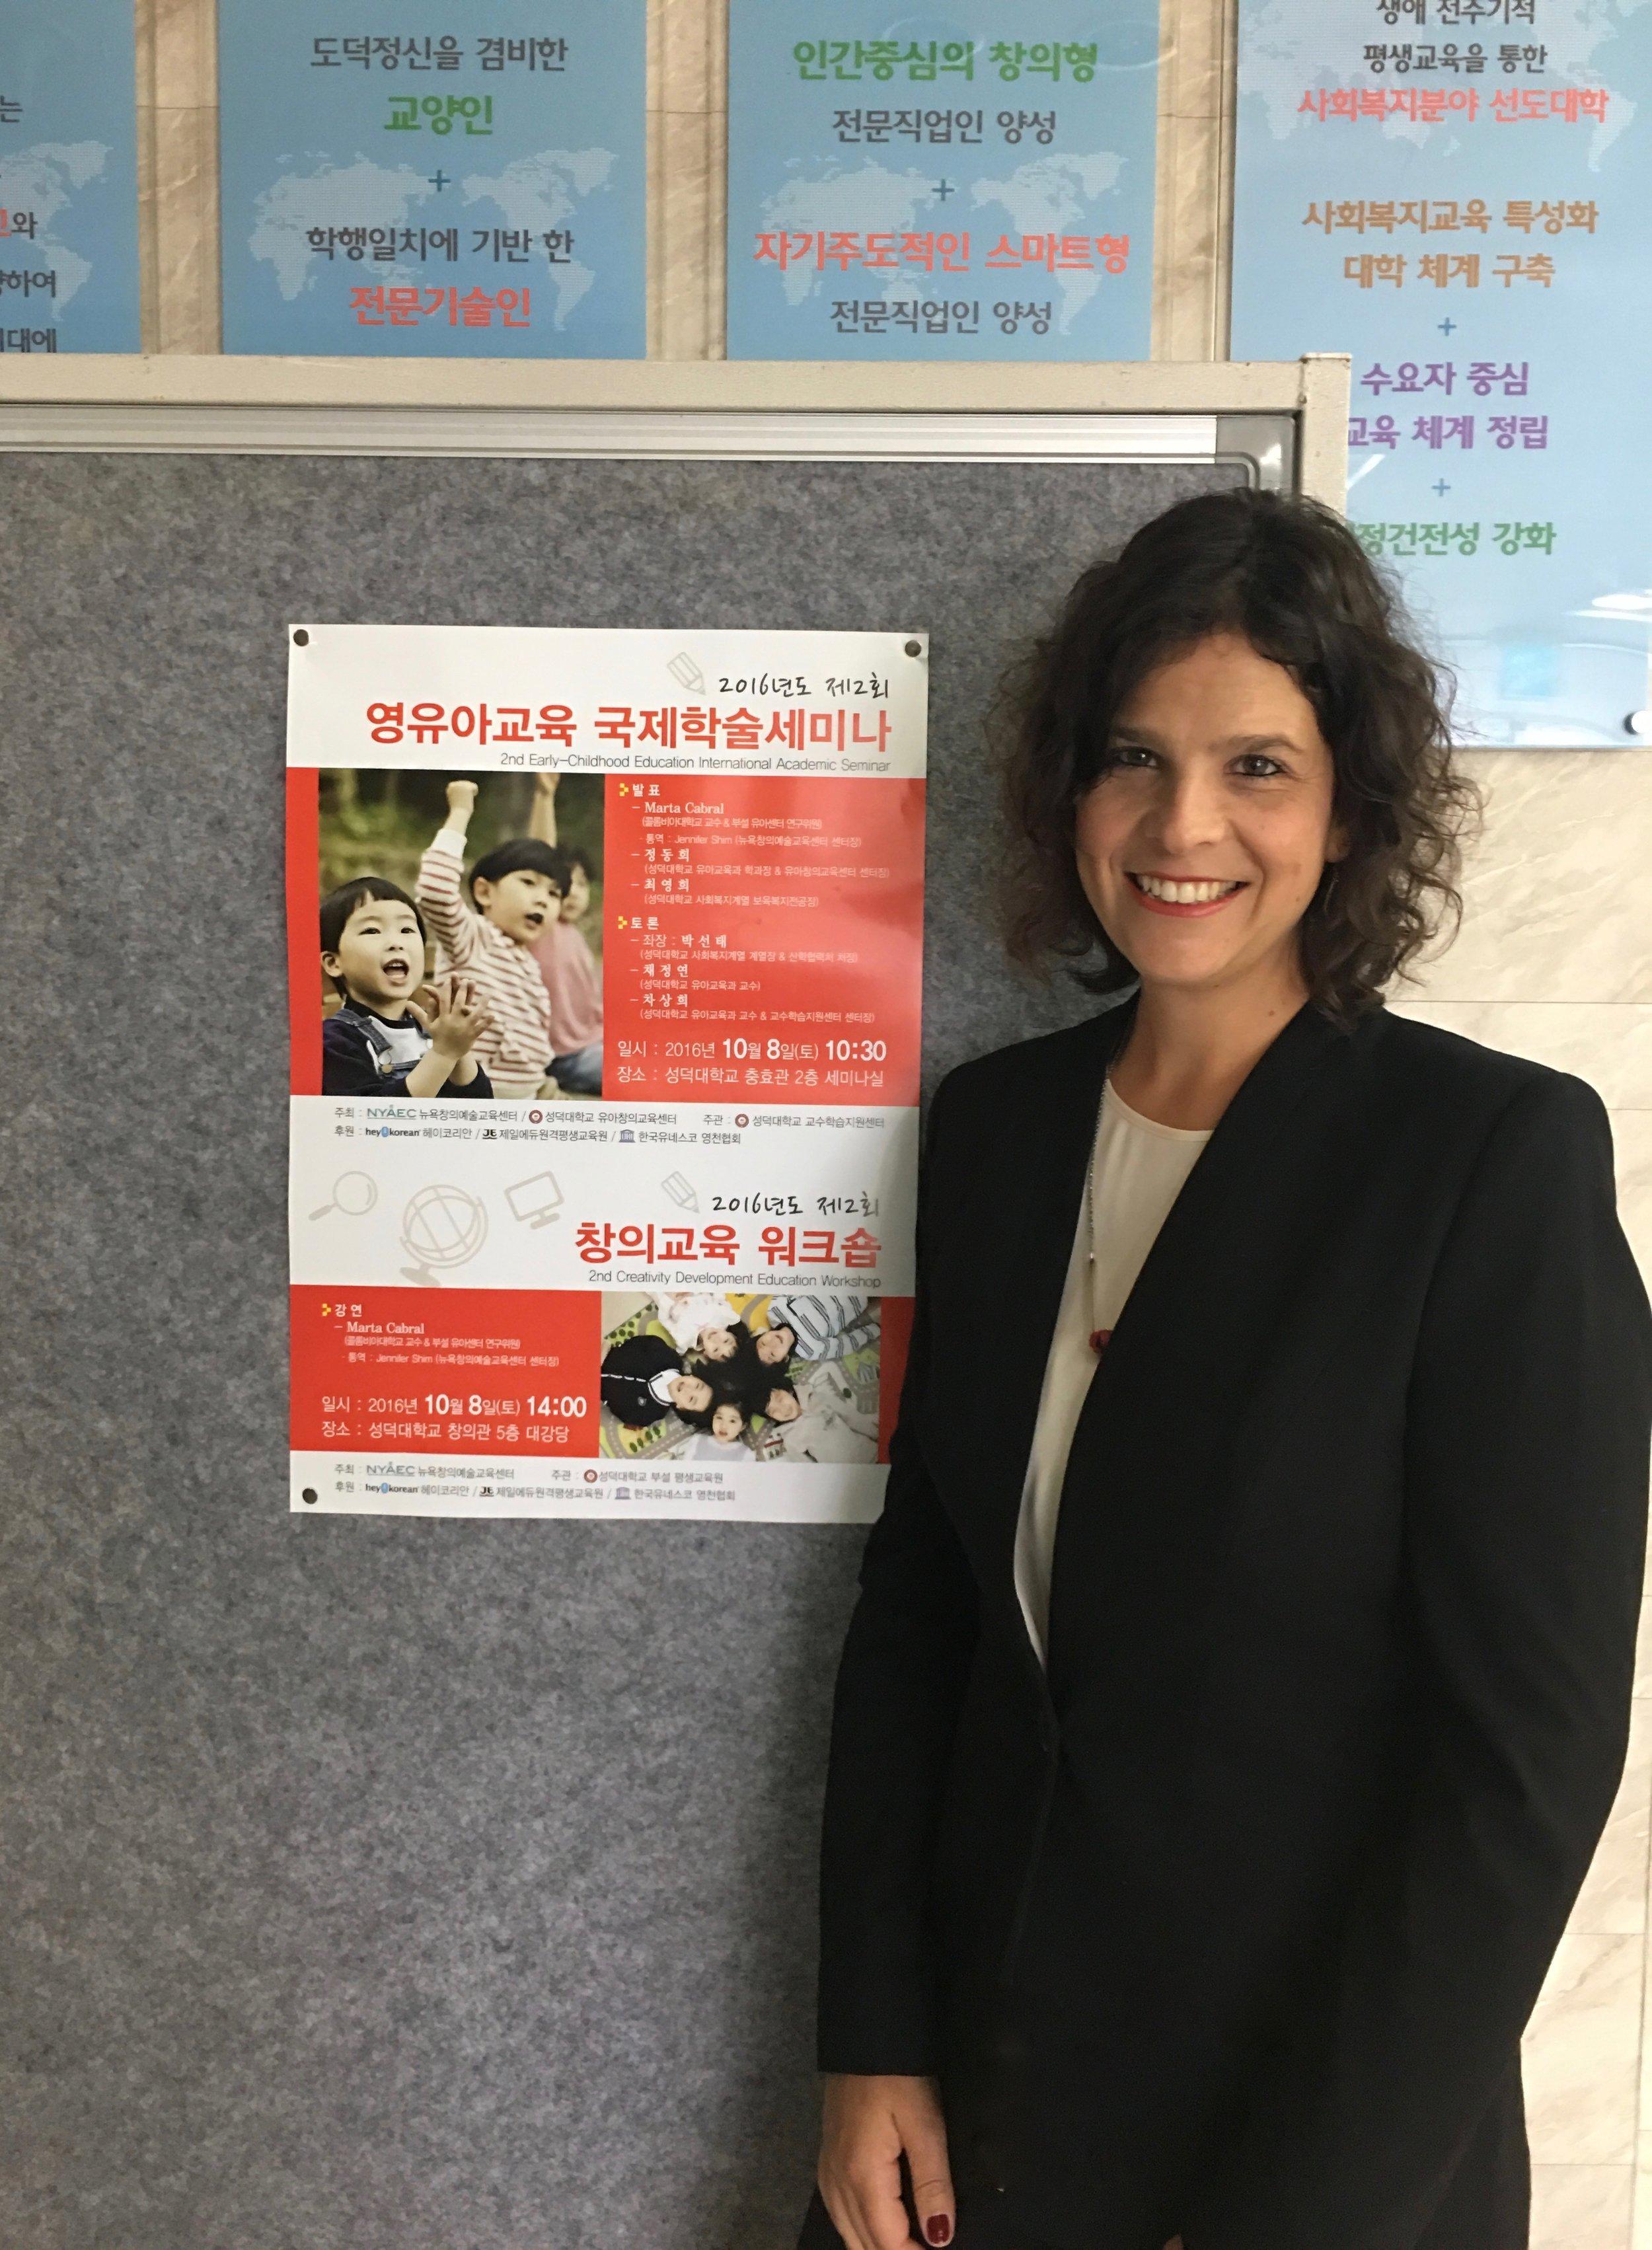 Korea Marta + poster.jpg